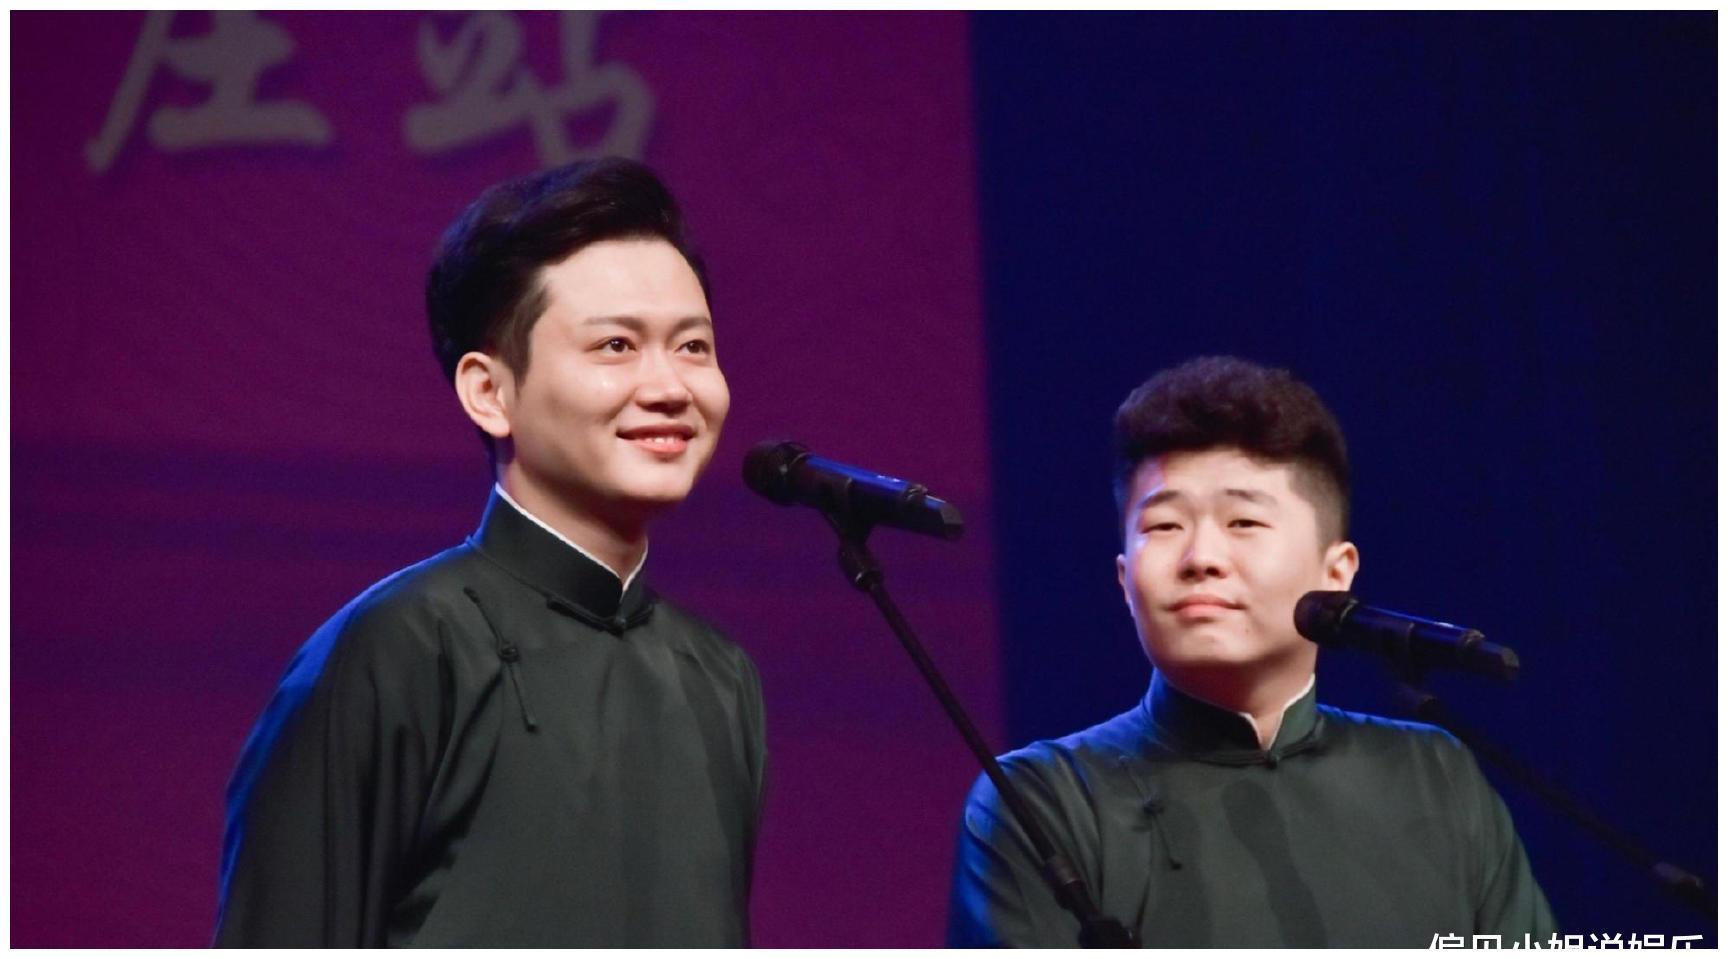 德云社孟鹤堂自称大明星,当众展示化妆技术,却被烧饼给揭了老底